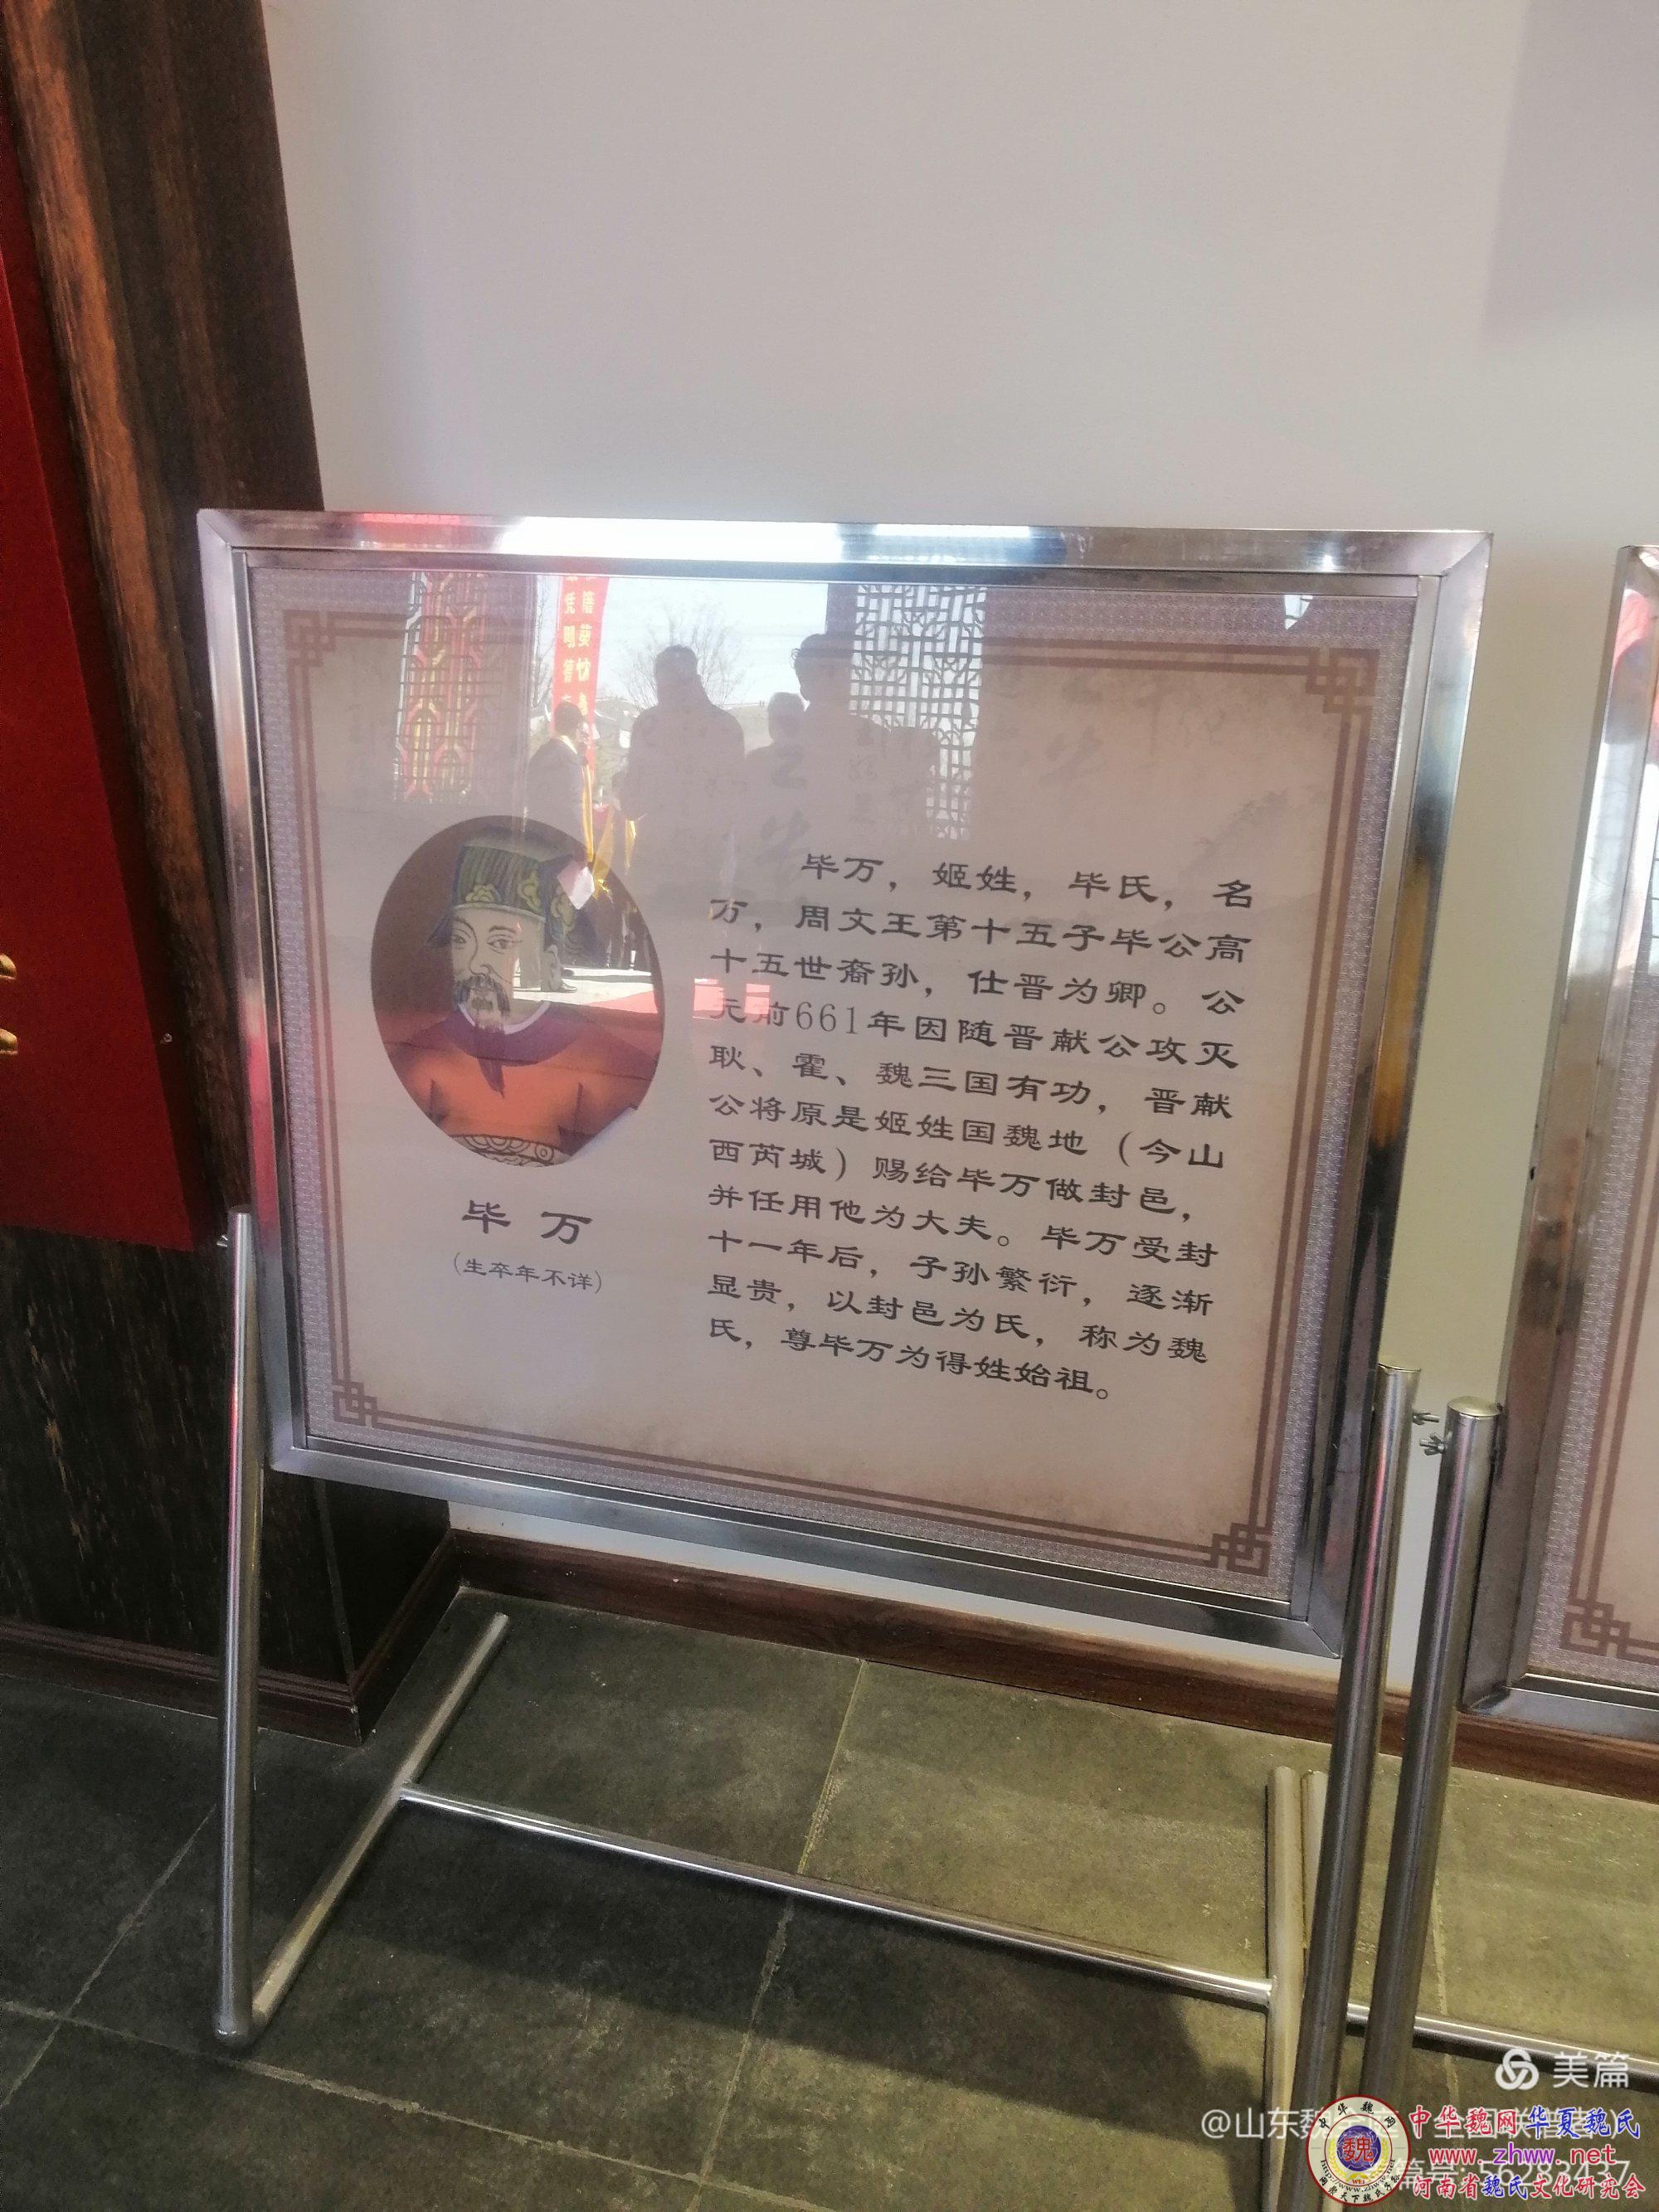 参加睢宁魏氏清明祭祖暨宗祠落成庆典